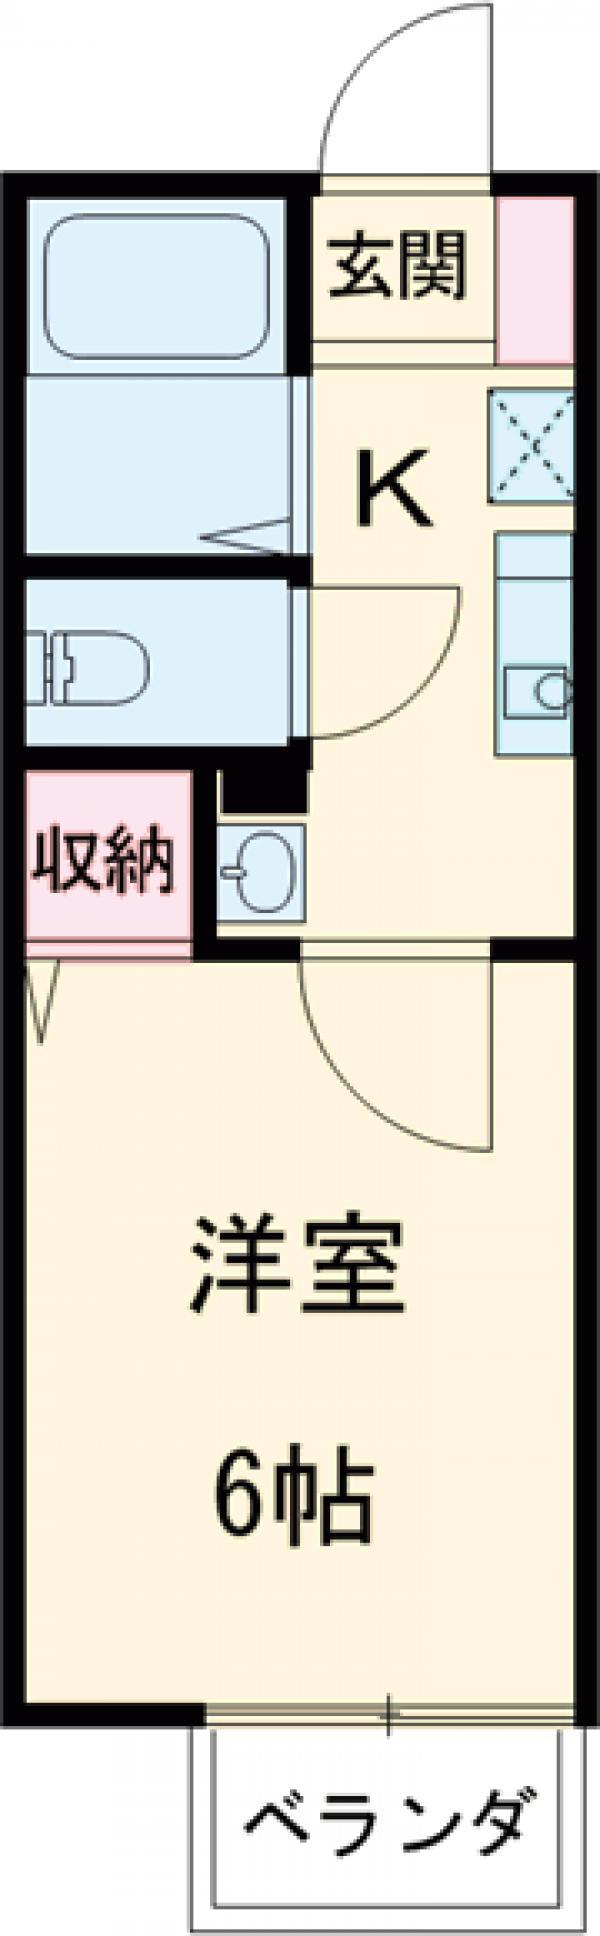 ソミュール百草Ⅰ 102号室の間取り